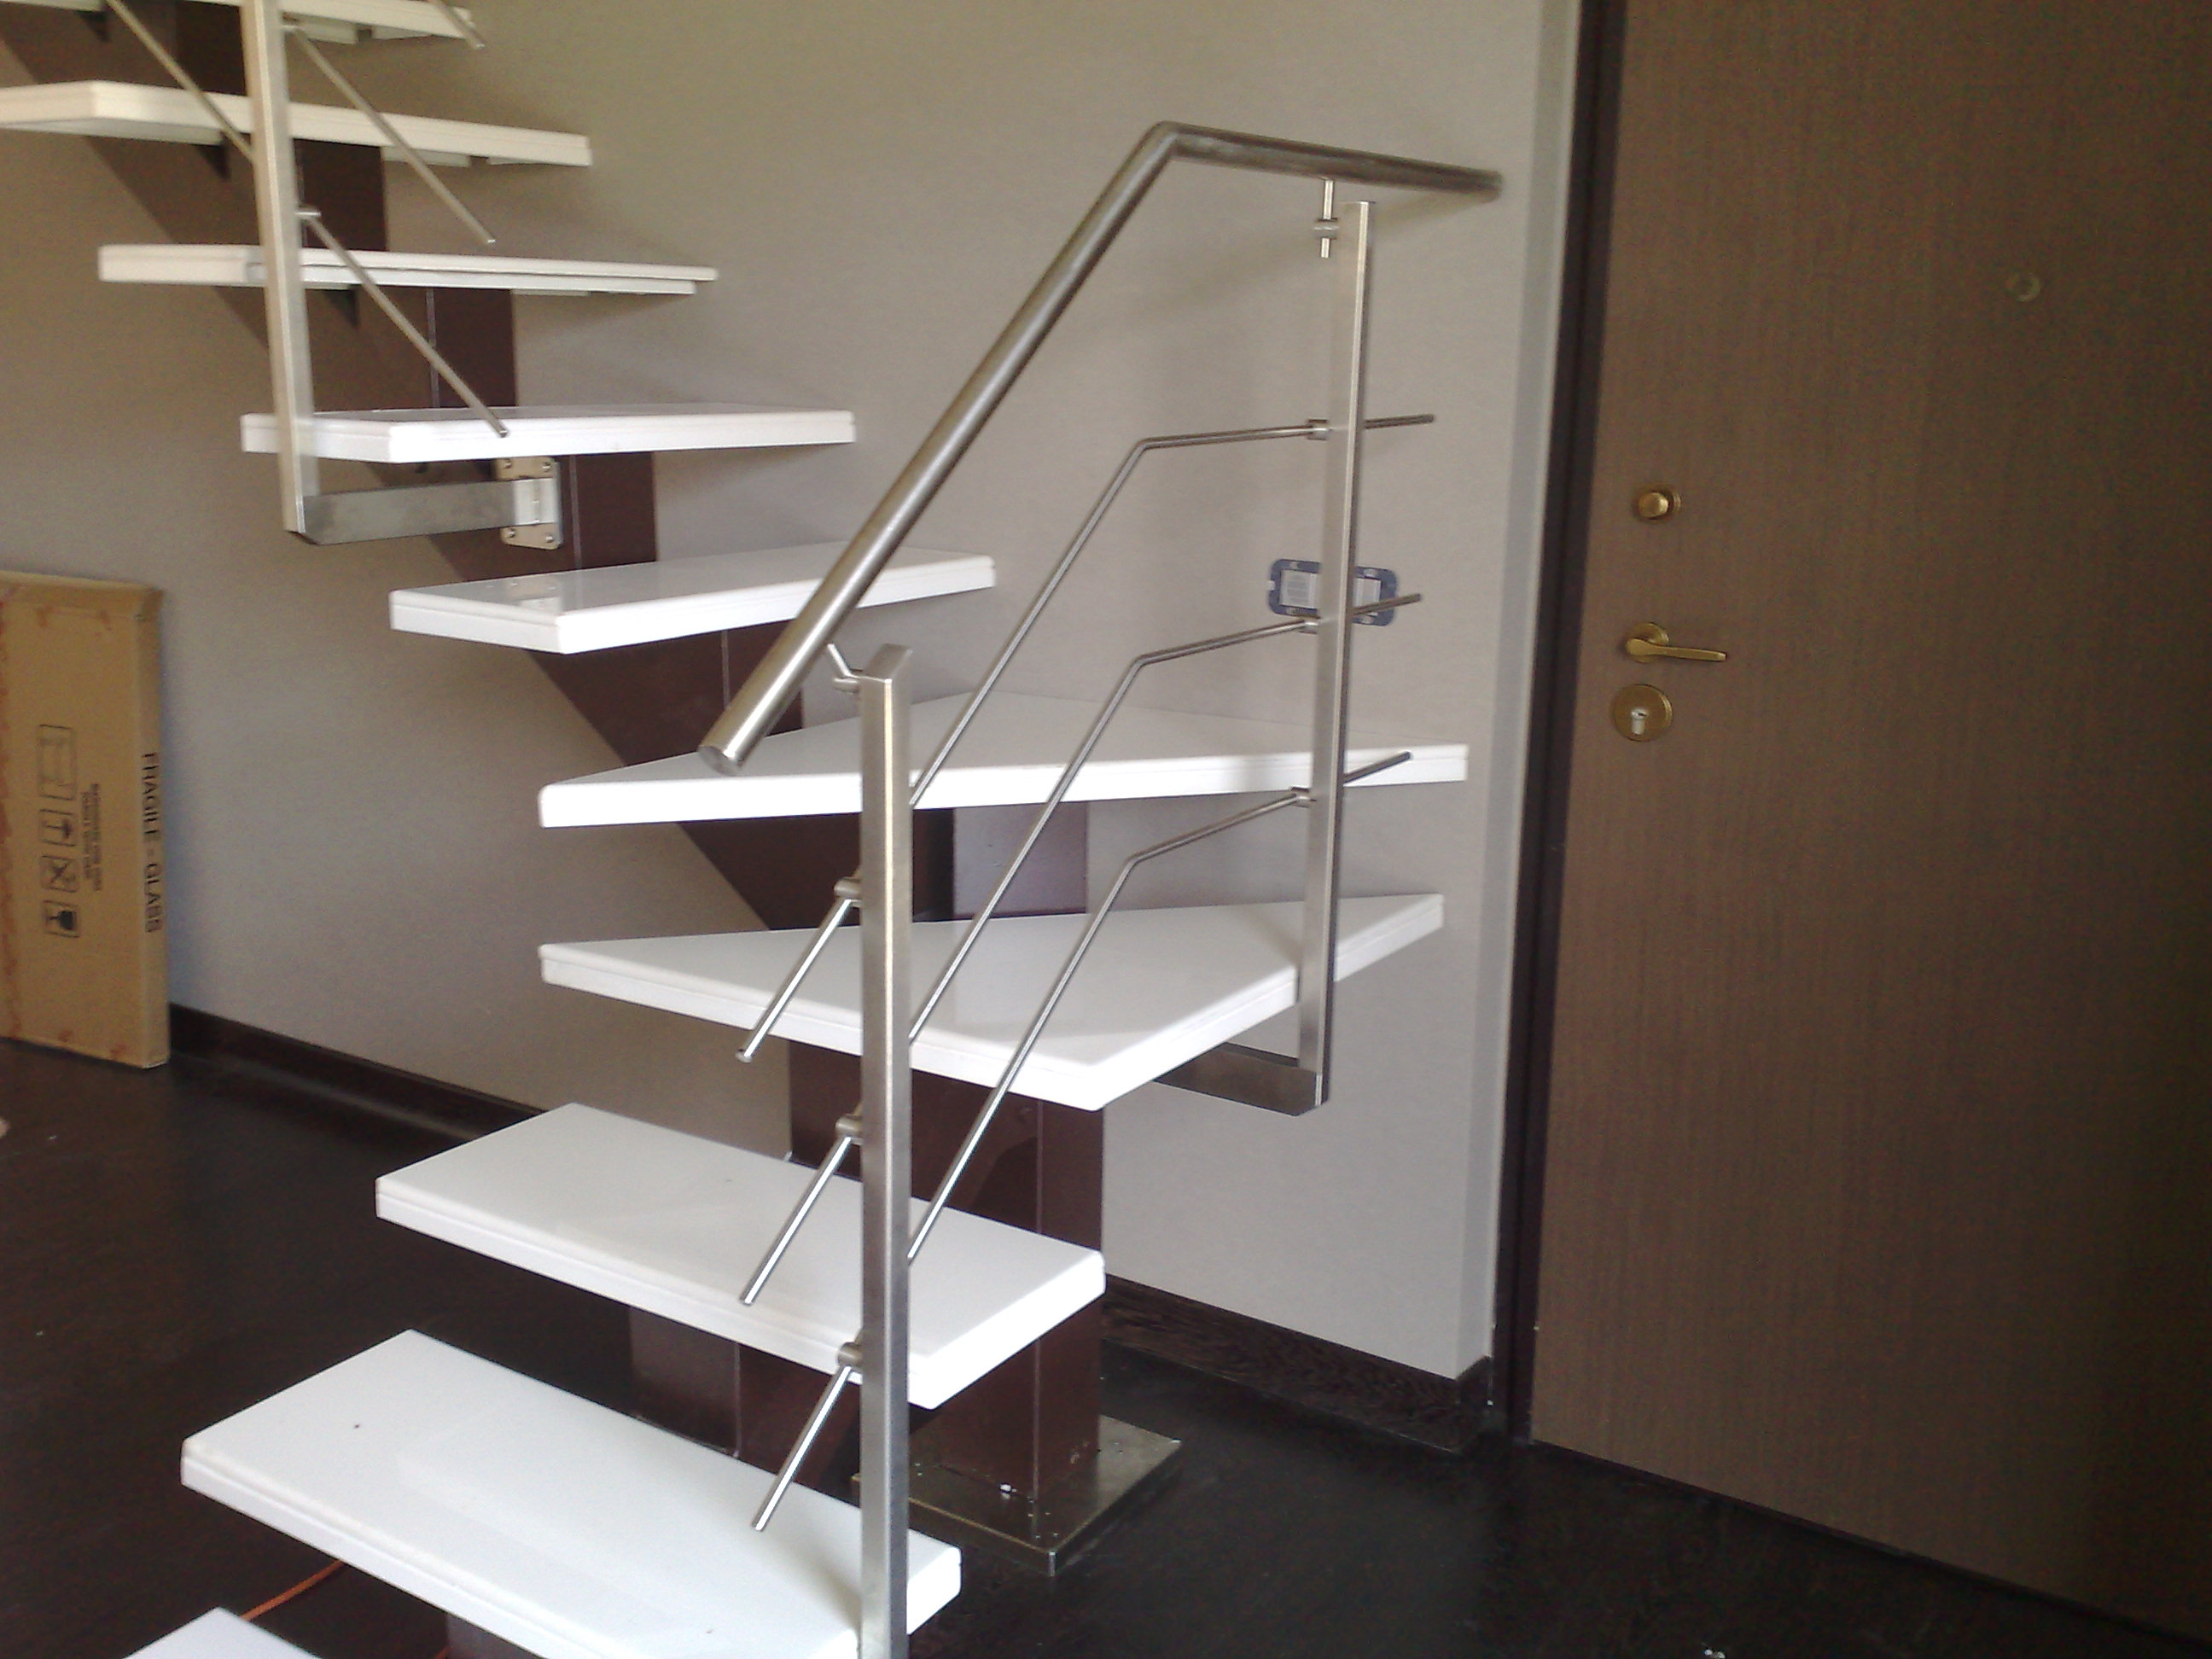 Scala autoportante per interni in ferro e acciaio inox - Ringhiere da interno moderne ...